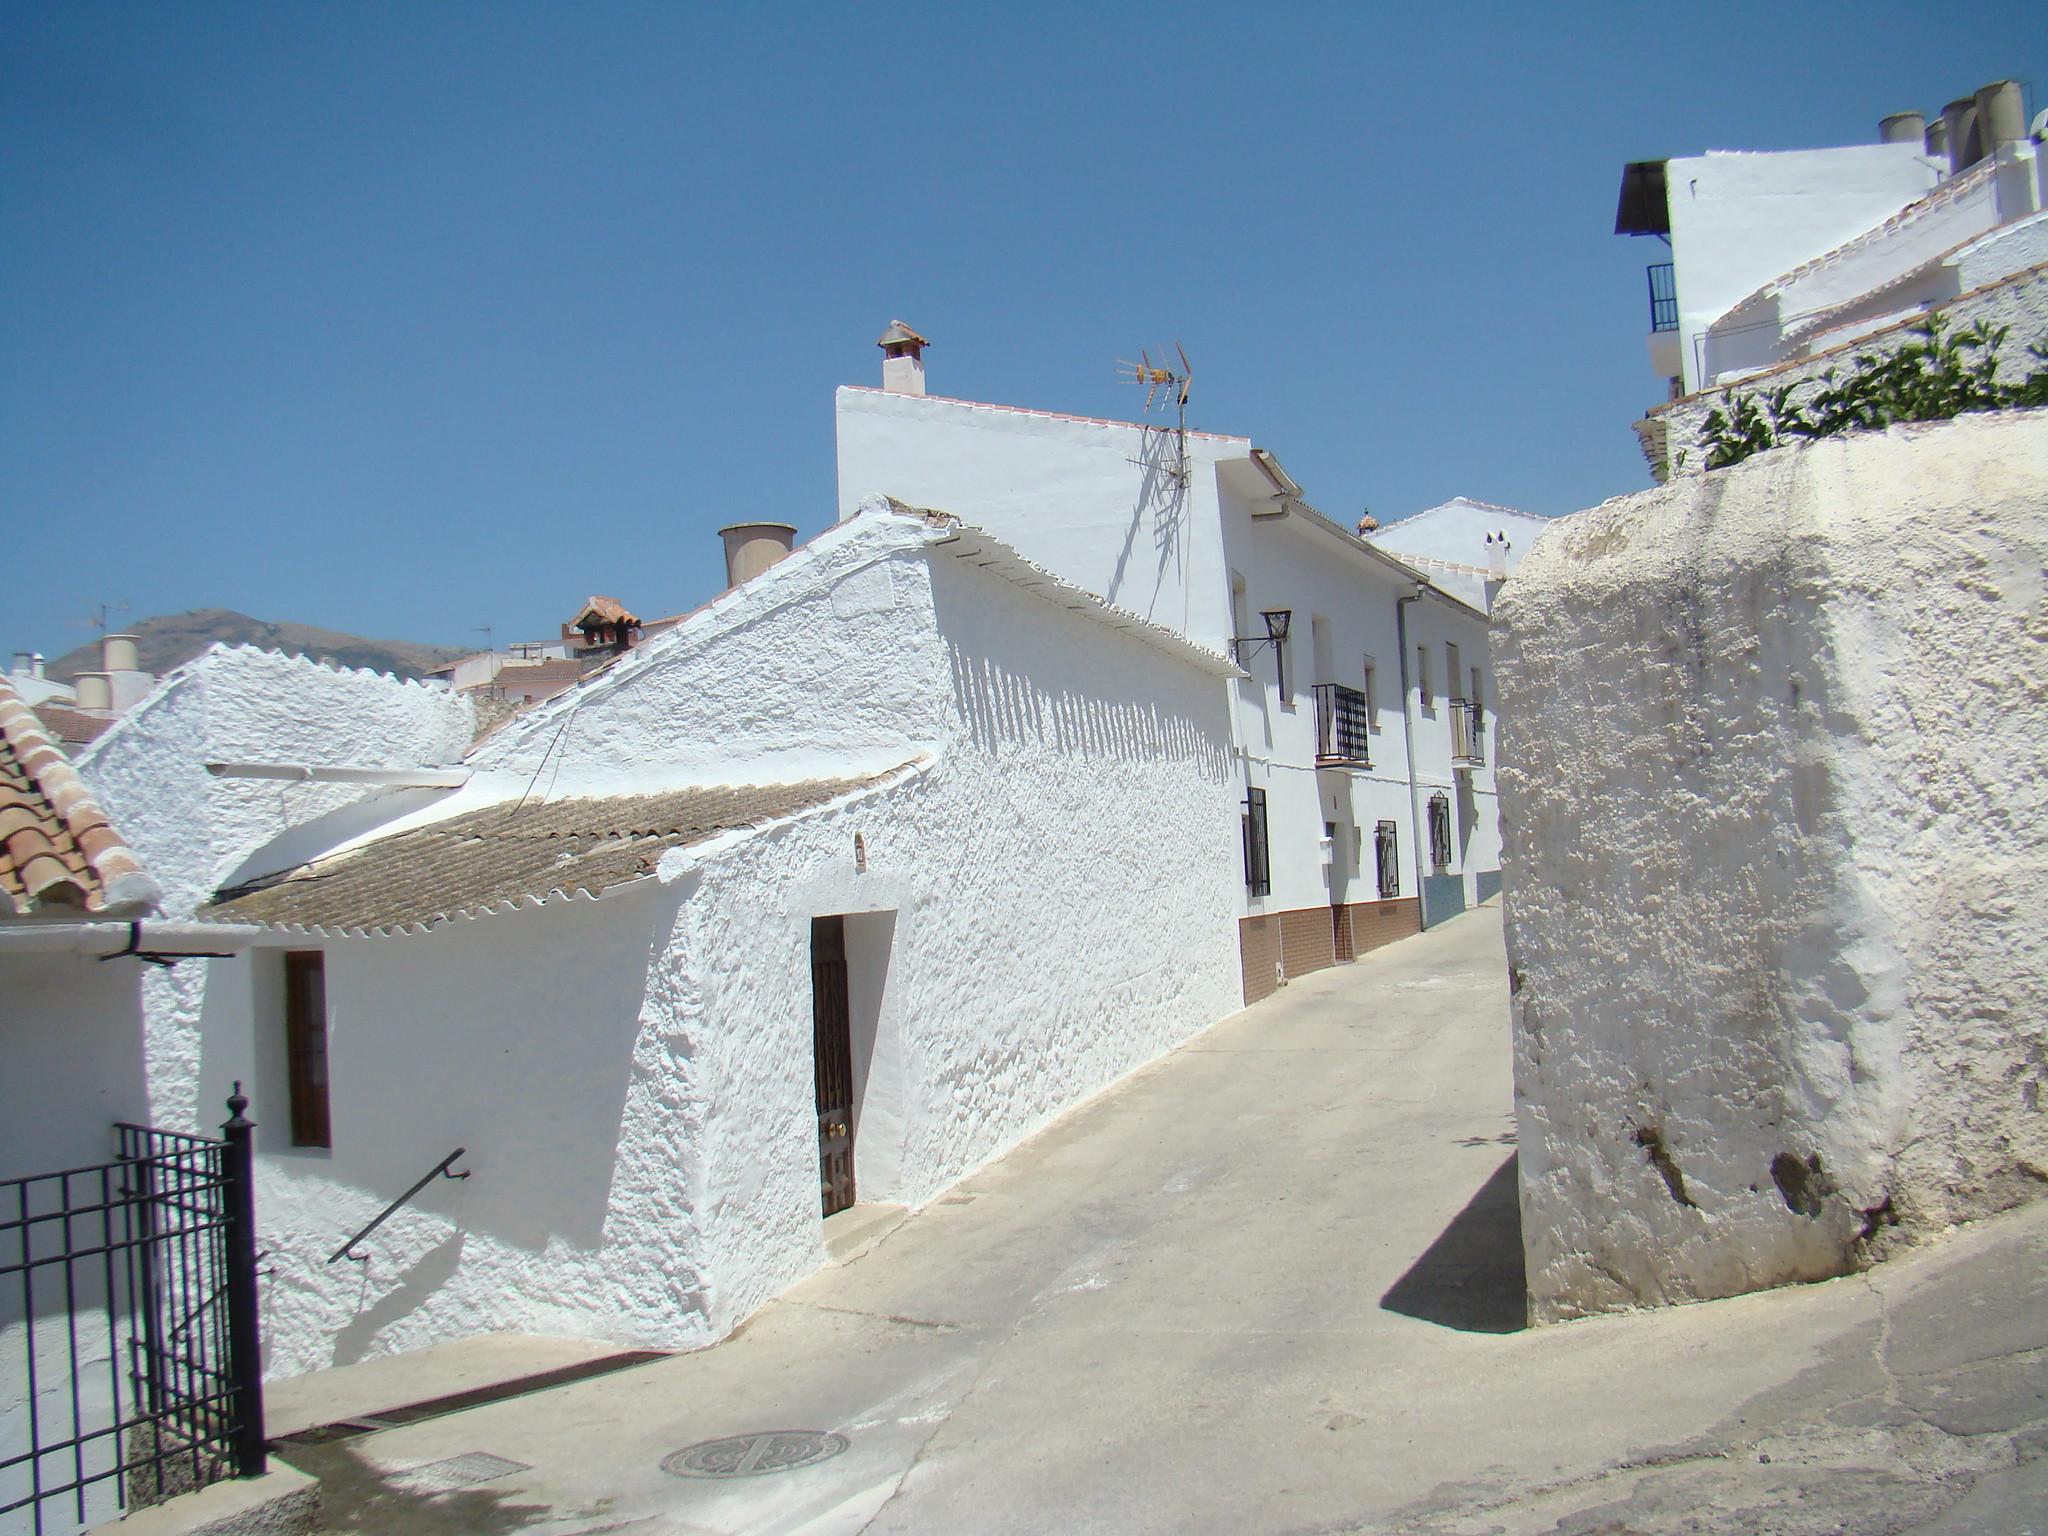 Periana Pueblo de la Axarquia Malaga